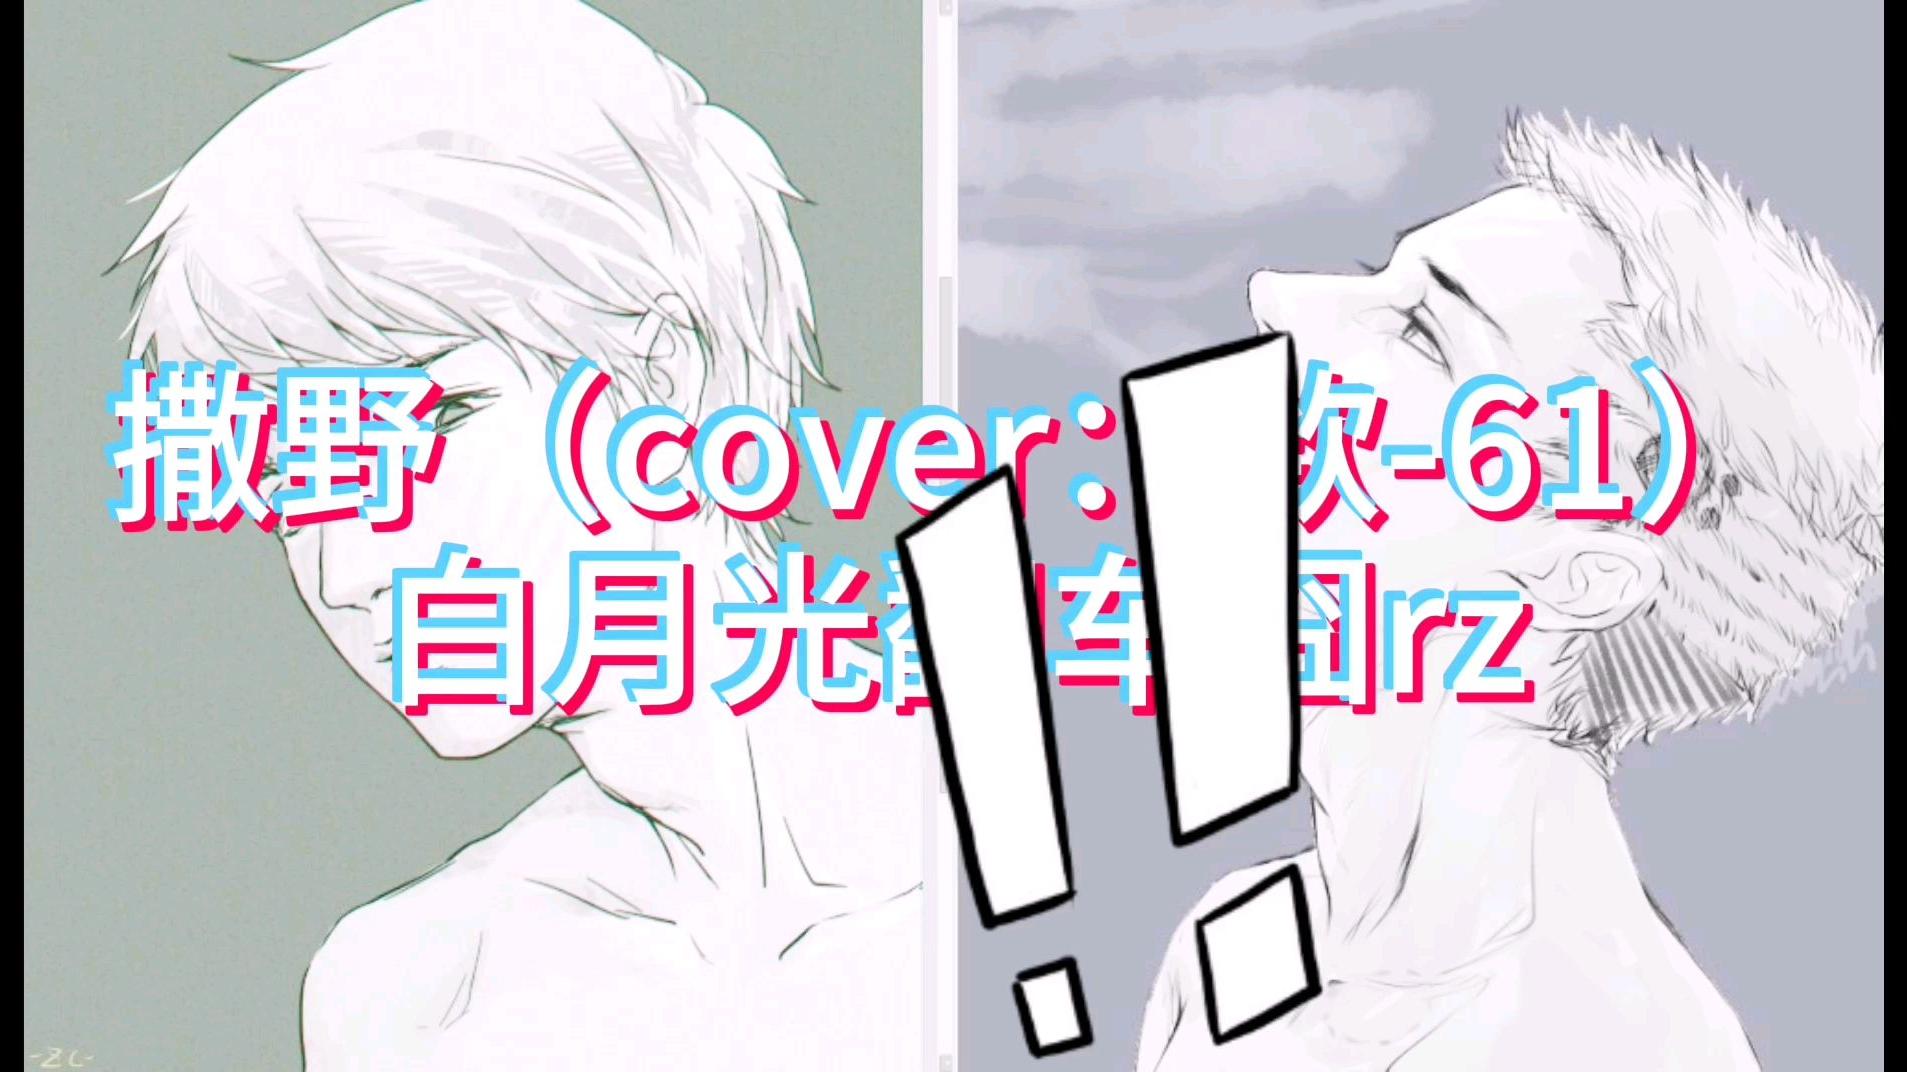 撒野(cover:欸-61)白月光翻车囧rz